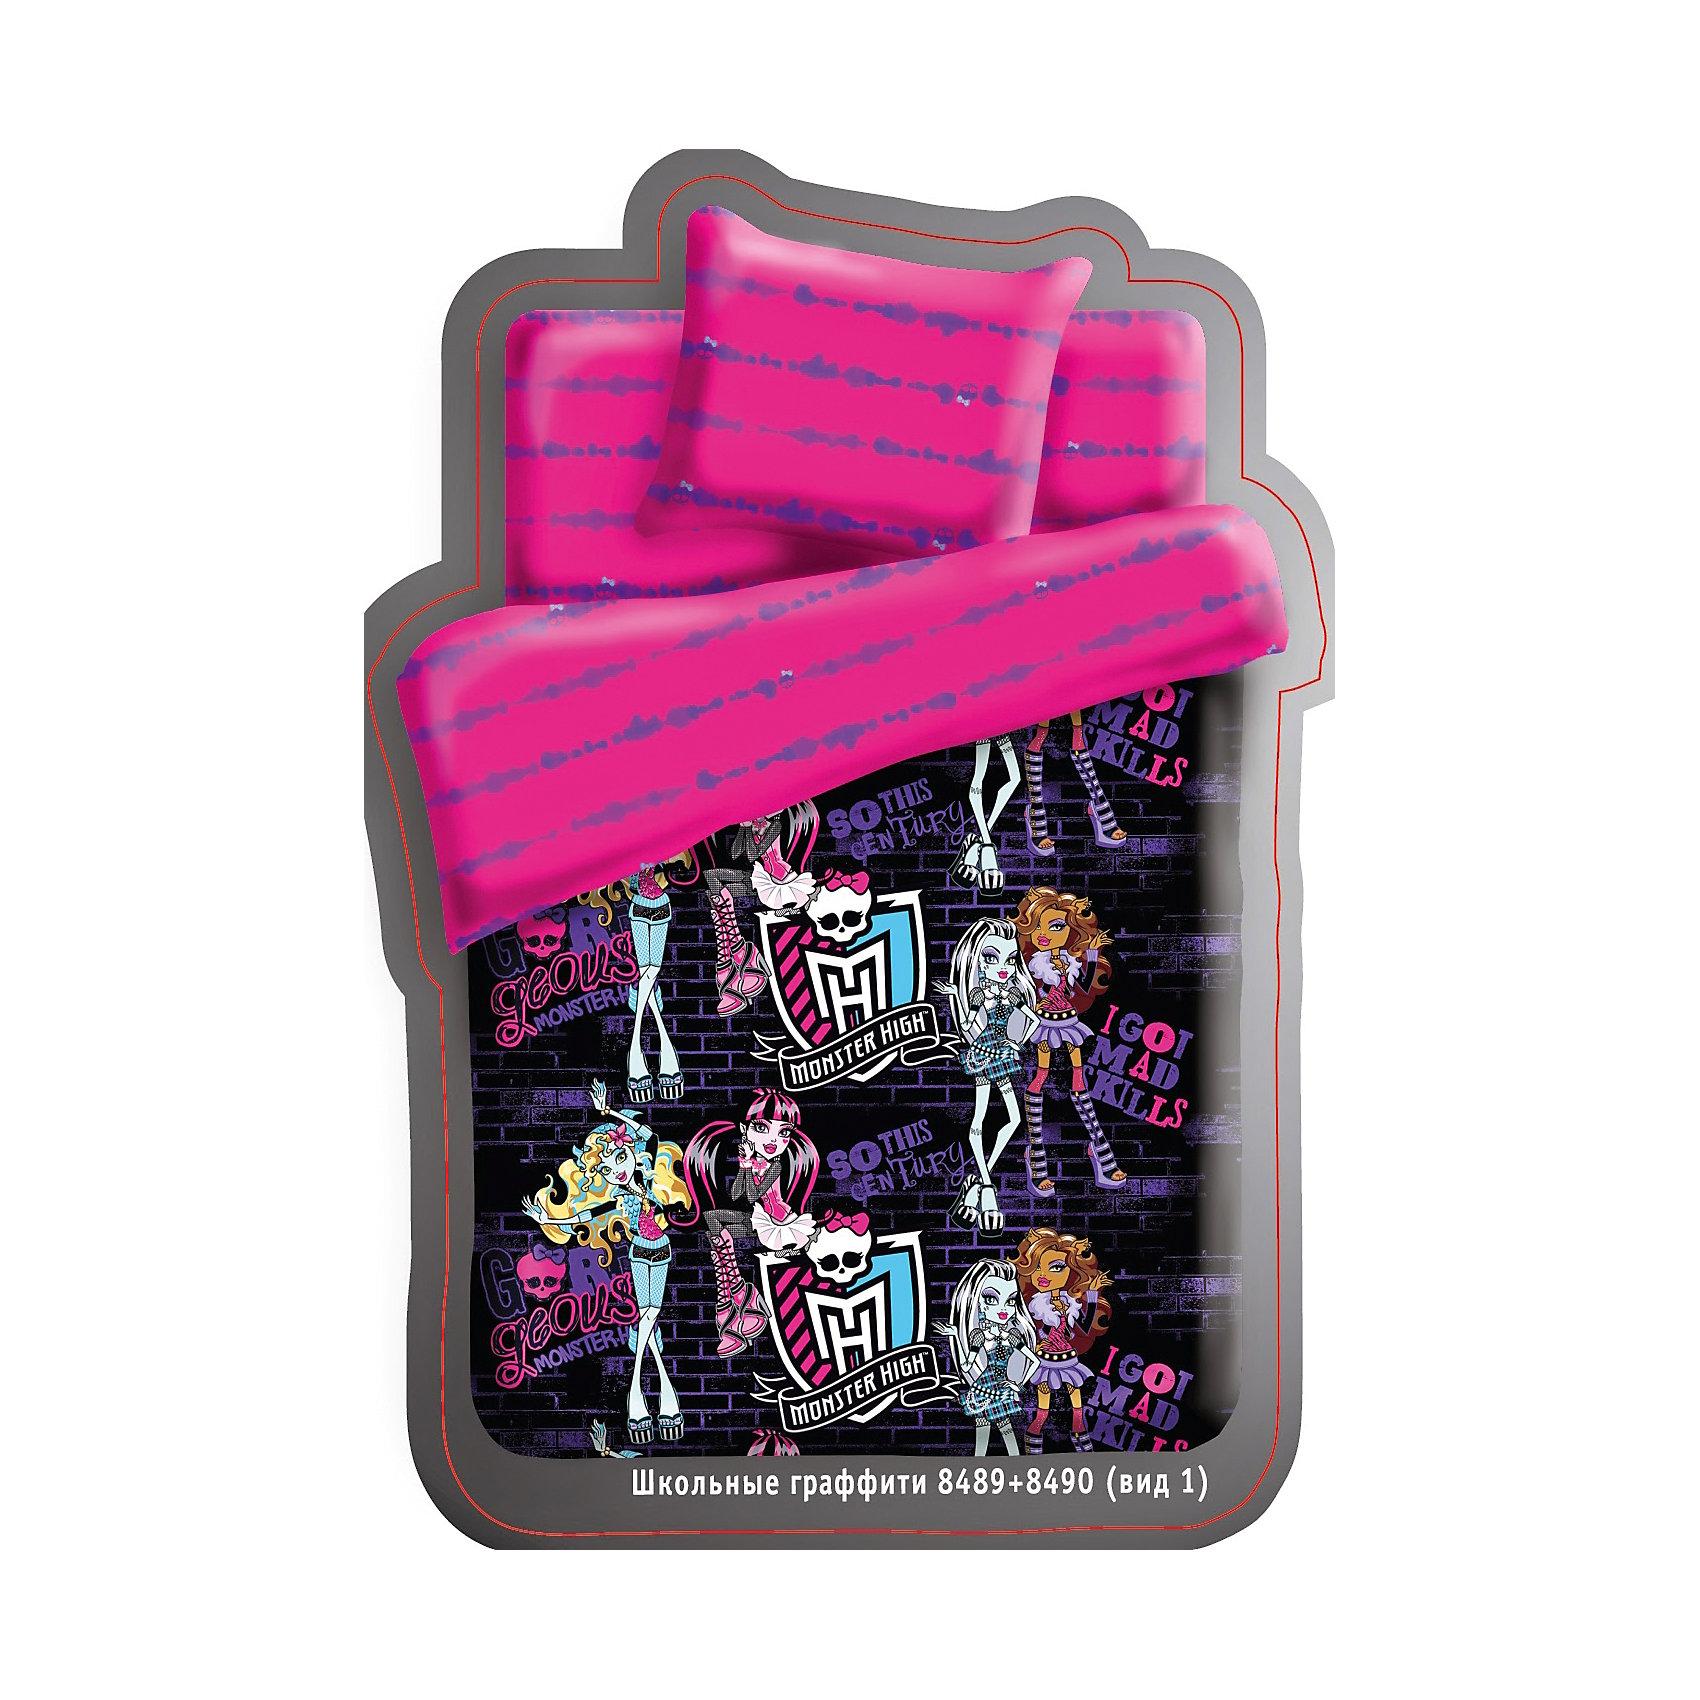 Комплект Школьные граффити 1,5-спальный (поплин), Monster HighКомплект Молнии приведет в восторг всех любителей Школы Монстров (Монстр Хай) и подарит хорошее настроение и замечательные сны. Выполнен в яркой, контрастной цветовой гамме, с оригинальным принтом.  Комплект изготовлен из поплина (натурального хлопка). Постельное белье из поплина отличается тем, что оно не только прочное, хорошо сохраняет форму и цвет, но и имеет приятную мягкую поверхность. Поплин хорошо удерживает тепло, превосходно впитывает влагу и позволяет телу дышать.<br><br>Дополнительная информация:<br><br>- Комплектация: наволочка (1 шт.), простыня (1 шт.), пододеяльник на прорези (1 шт.).<br>- Материал: поплин (100% хлопок).<br>- Размер: наволочка -  70х70 см, простыня - 214х150 см, пододеяльник - 215х143 см.<br><br>Комплект Школьные граффити 1,5-спальный (поплин), Monster High (Школа Монстров) можно купить в нашем магазине.<br><br>Ширина мм: 250<br>Глубина мм: 350<br>Высота мм: 70<br>Вес г: 500<br>Возраст от месяцев: 36<br>Возраст до месяцев: 168<br>Пол: Женский<br>Возраст: Детский<br>SKU: 3973761